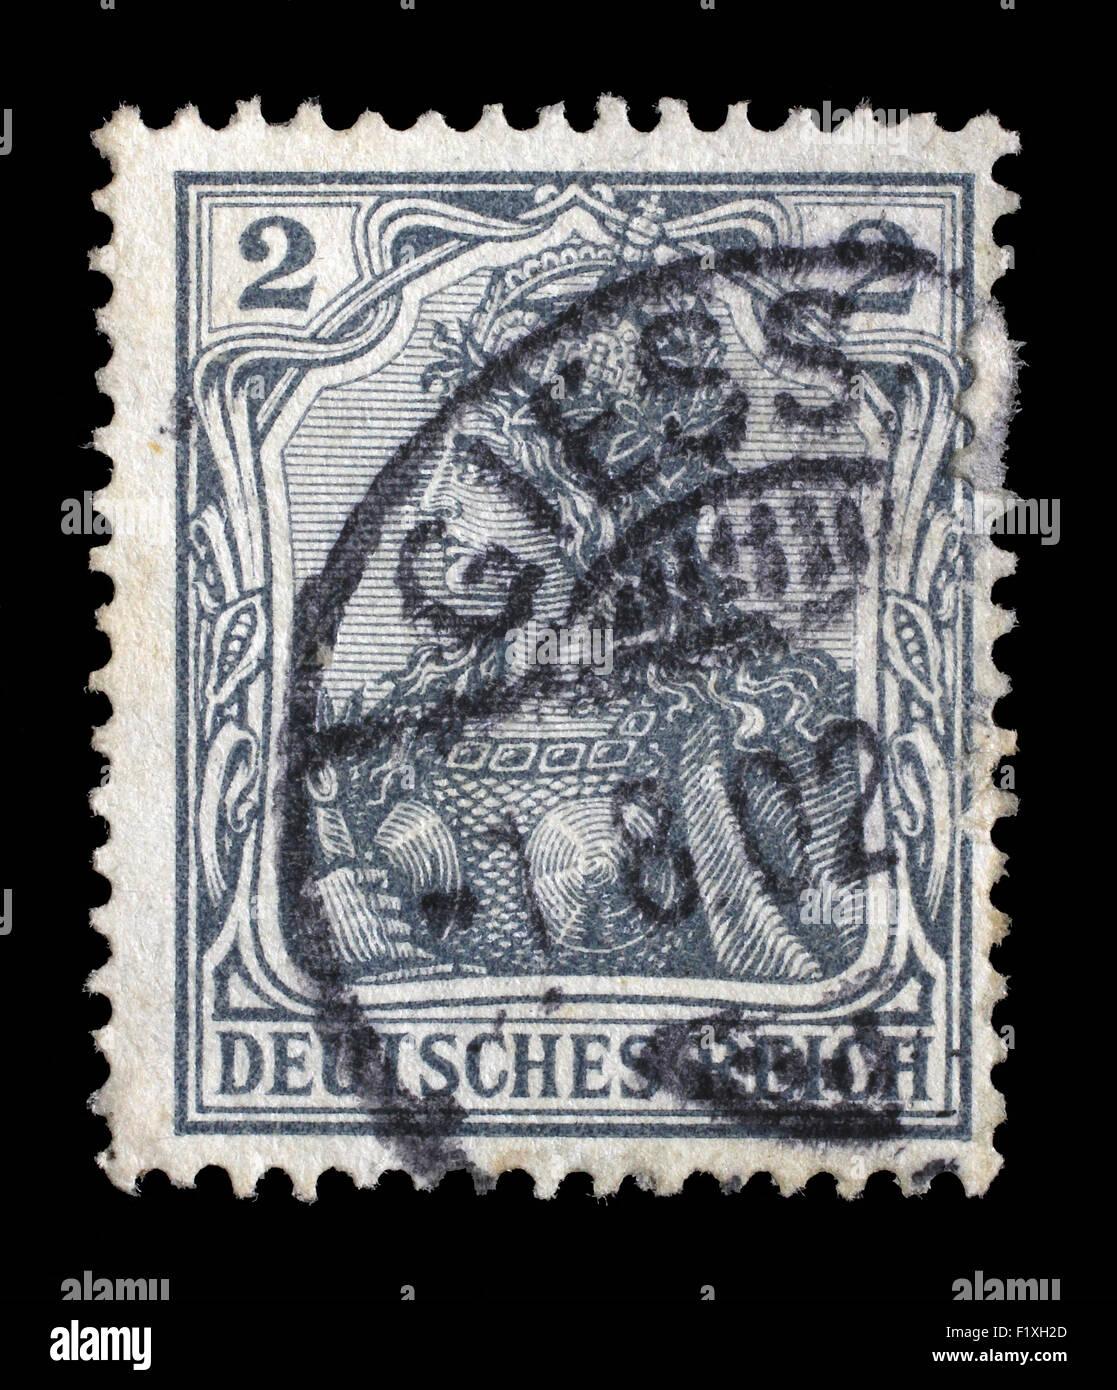 Timbro stampato in Germania mostra Germania (Allegoria, personificazione della Germania), senza iscrizione, circa Immagini Stock